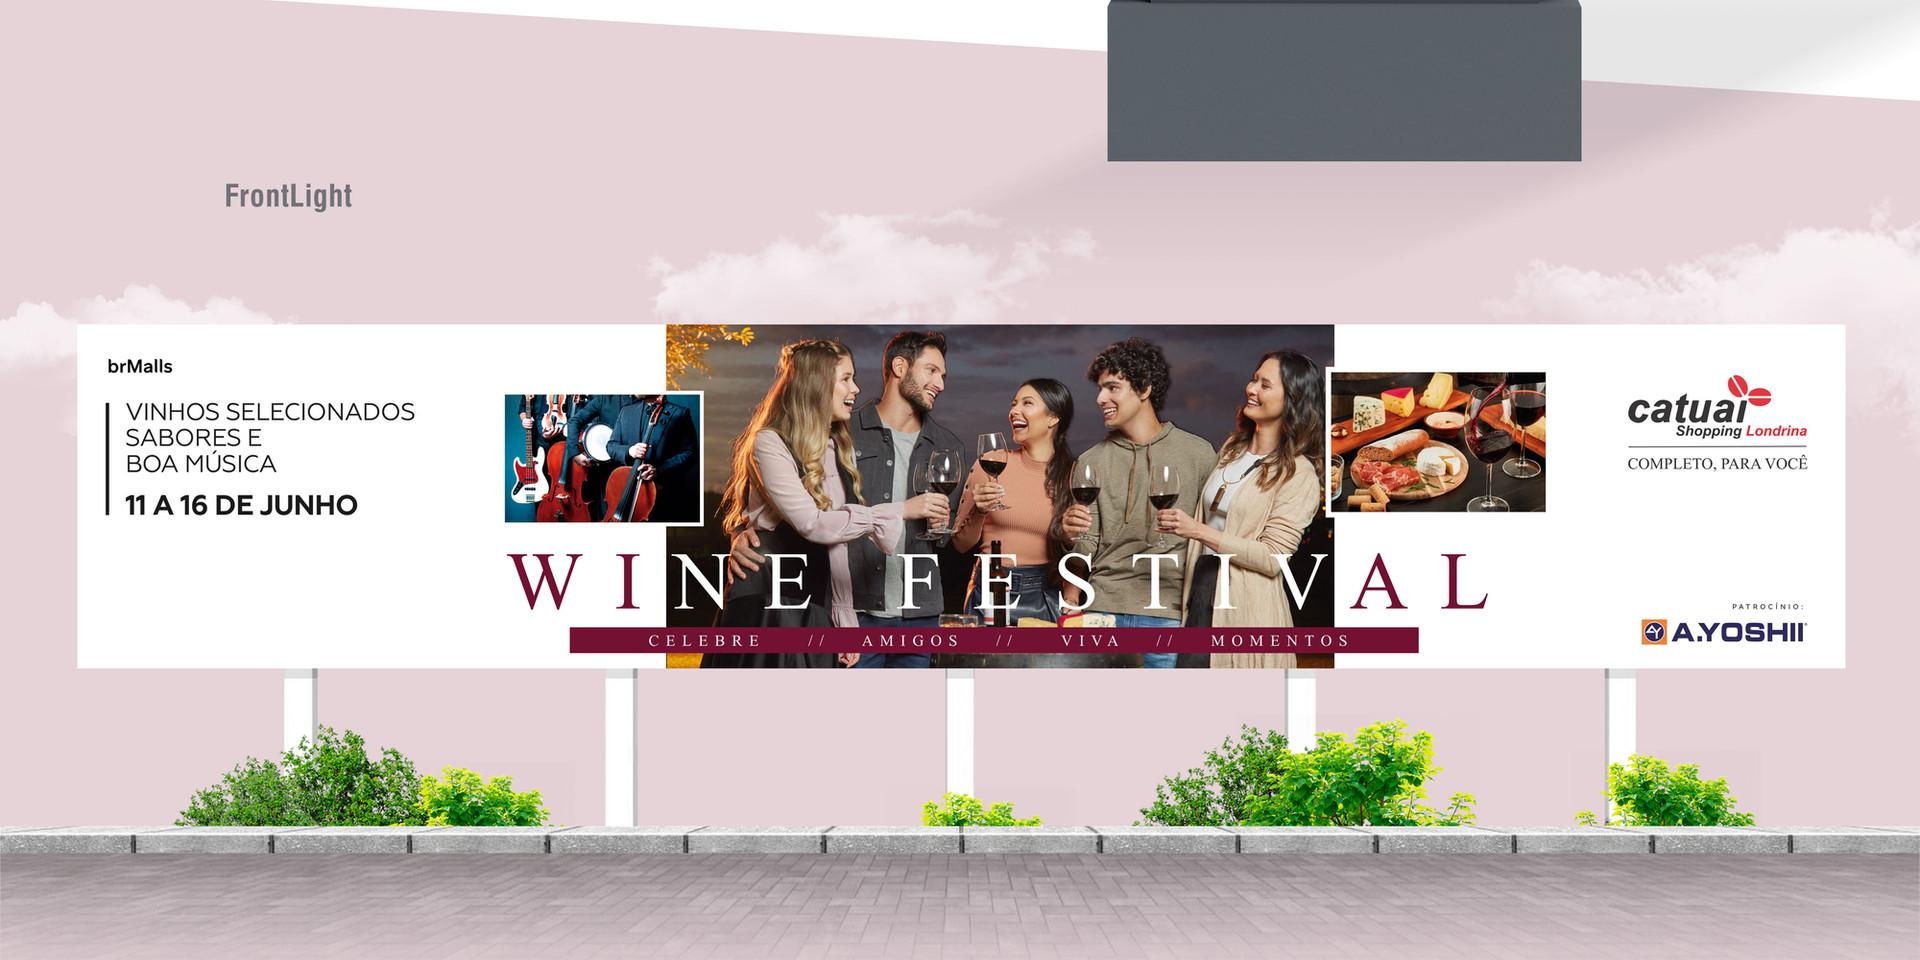 grid_portifolio_wine8.jpg